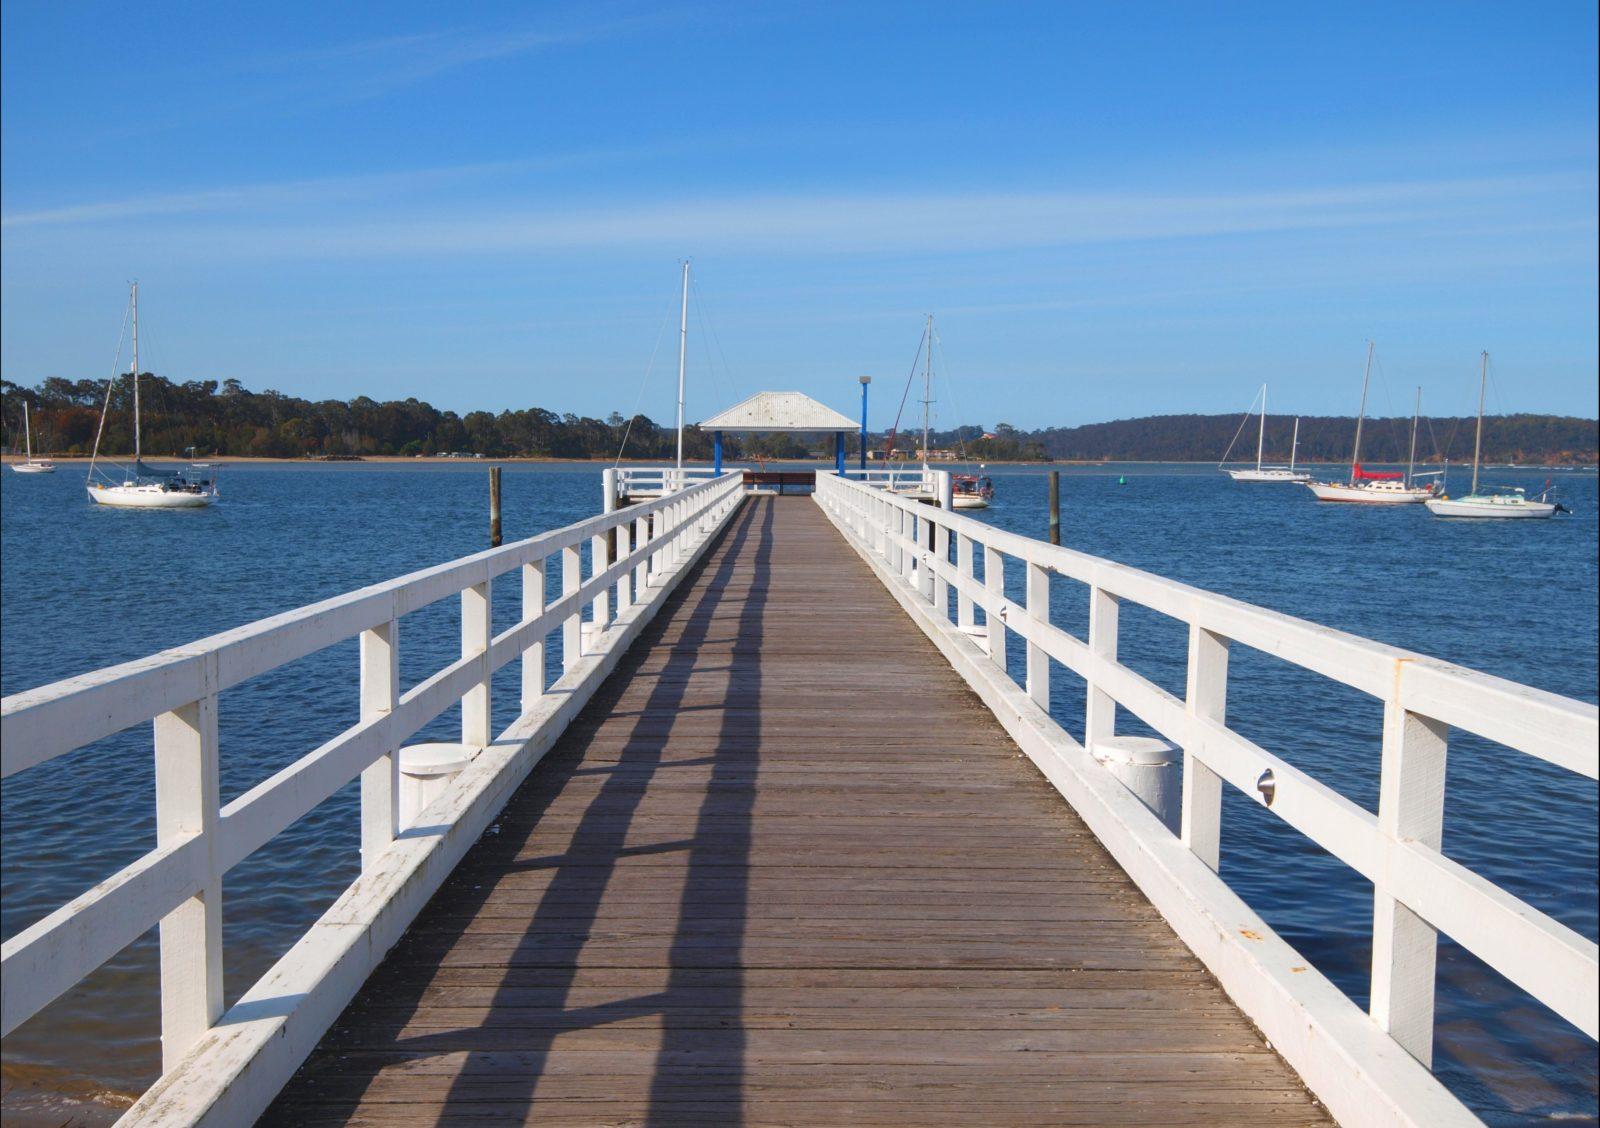 Batemans Bay wharf